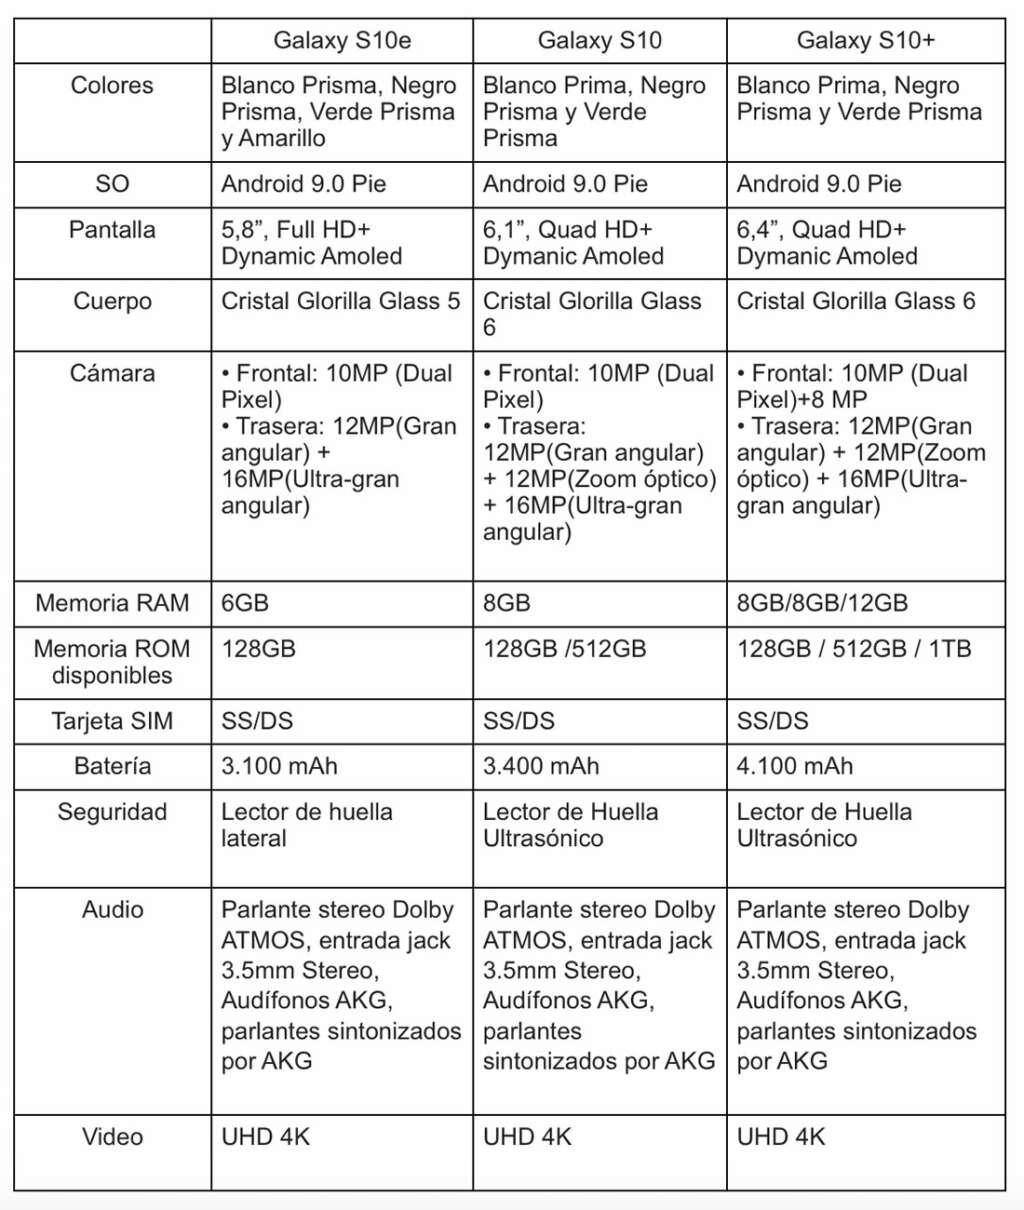 Estas son las características y diferencias del Galaxy S10, S10+ y S10e.